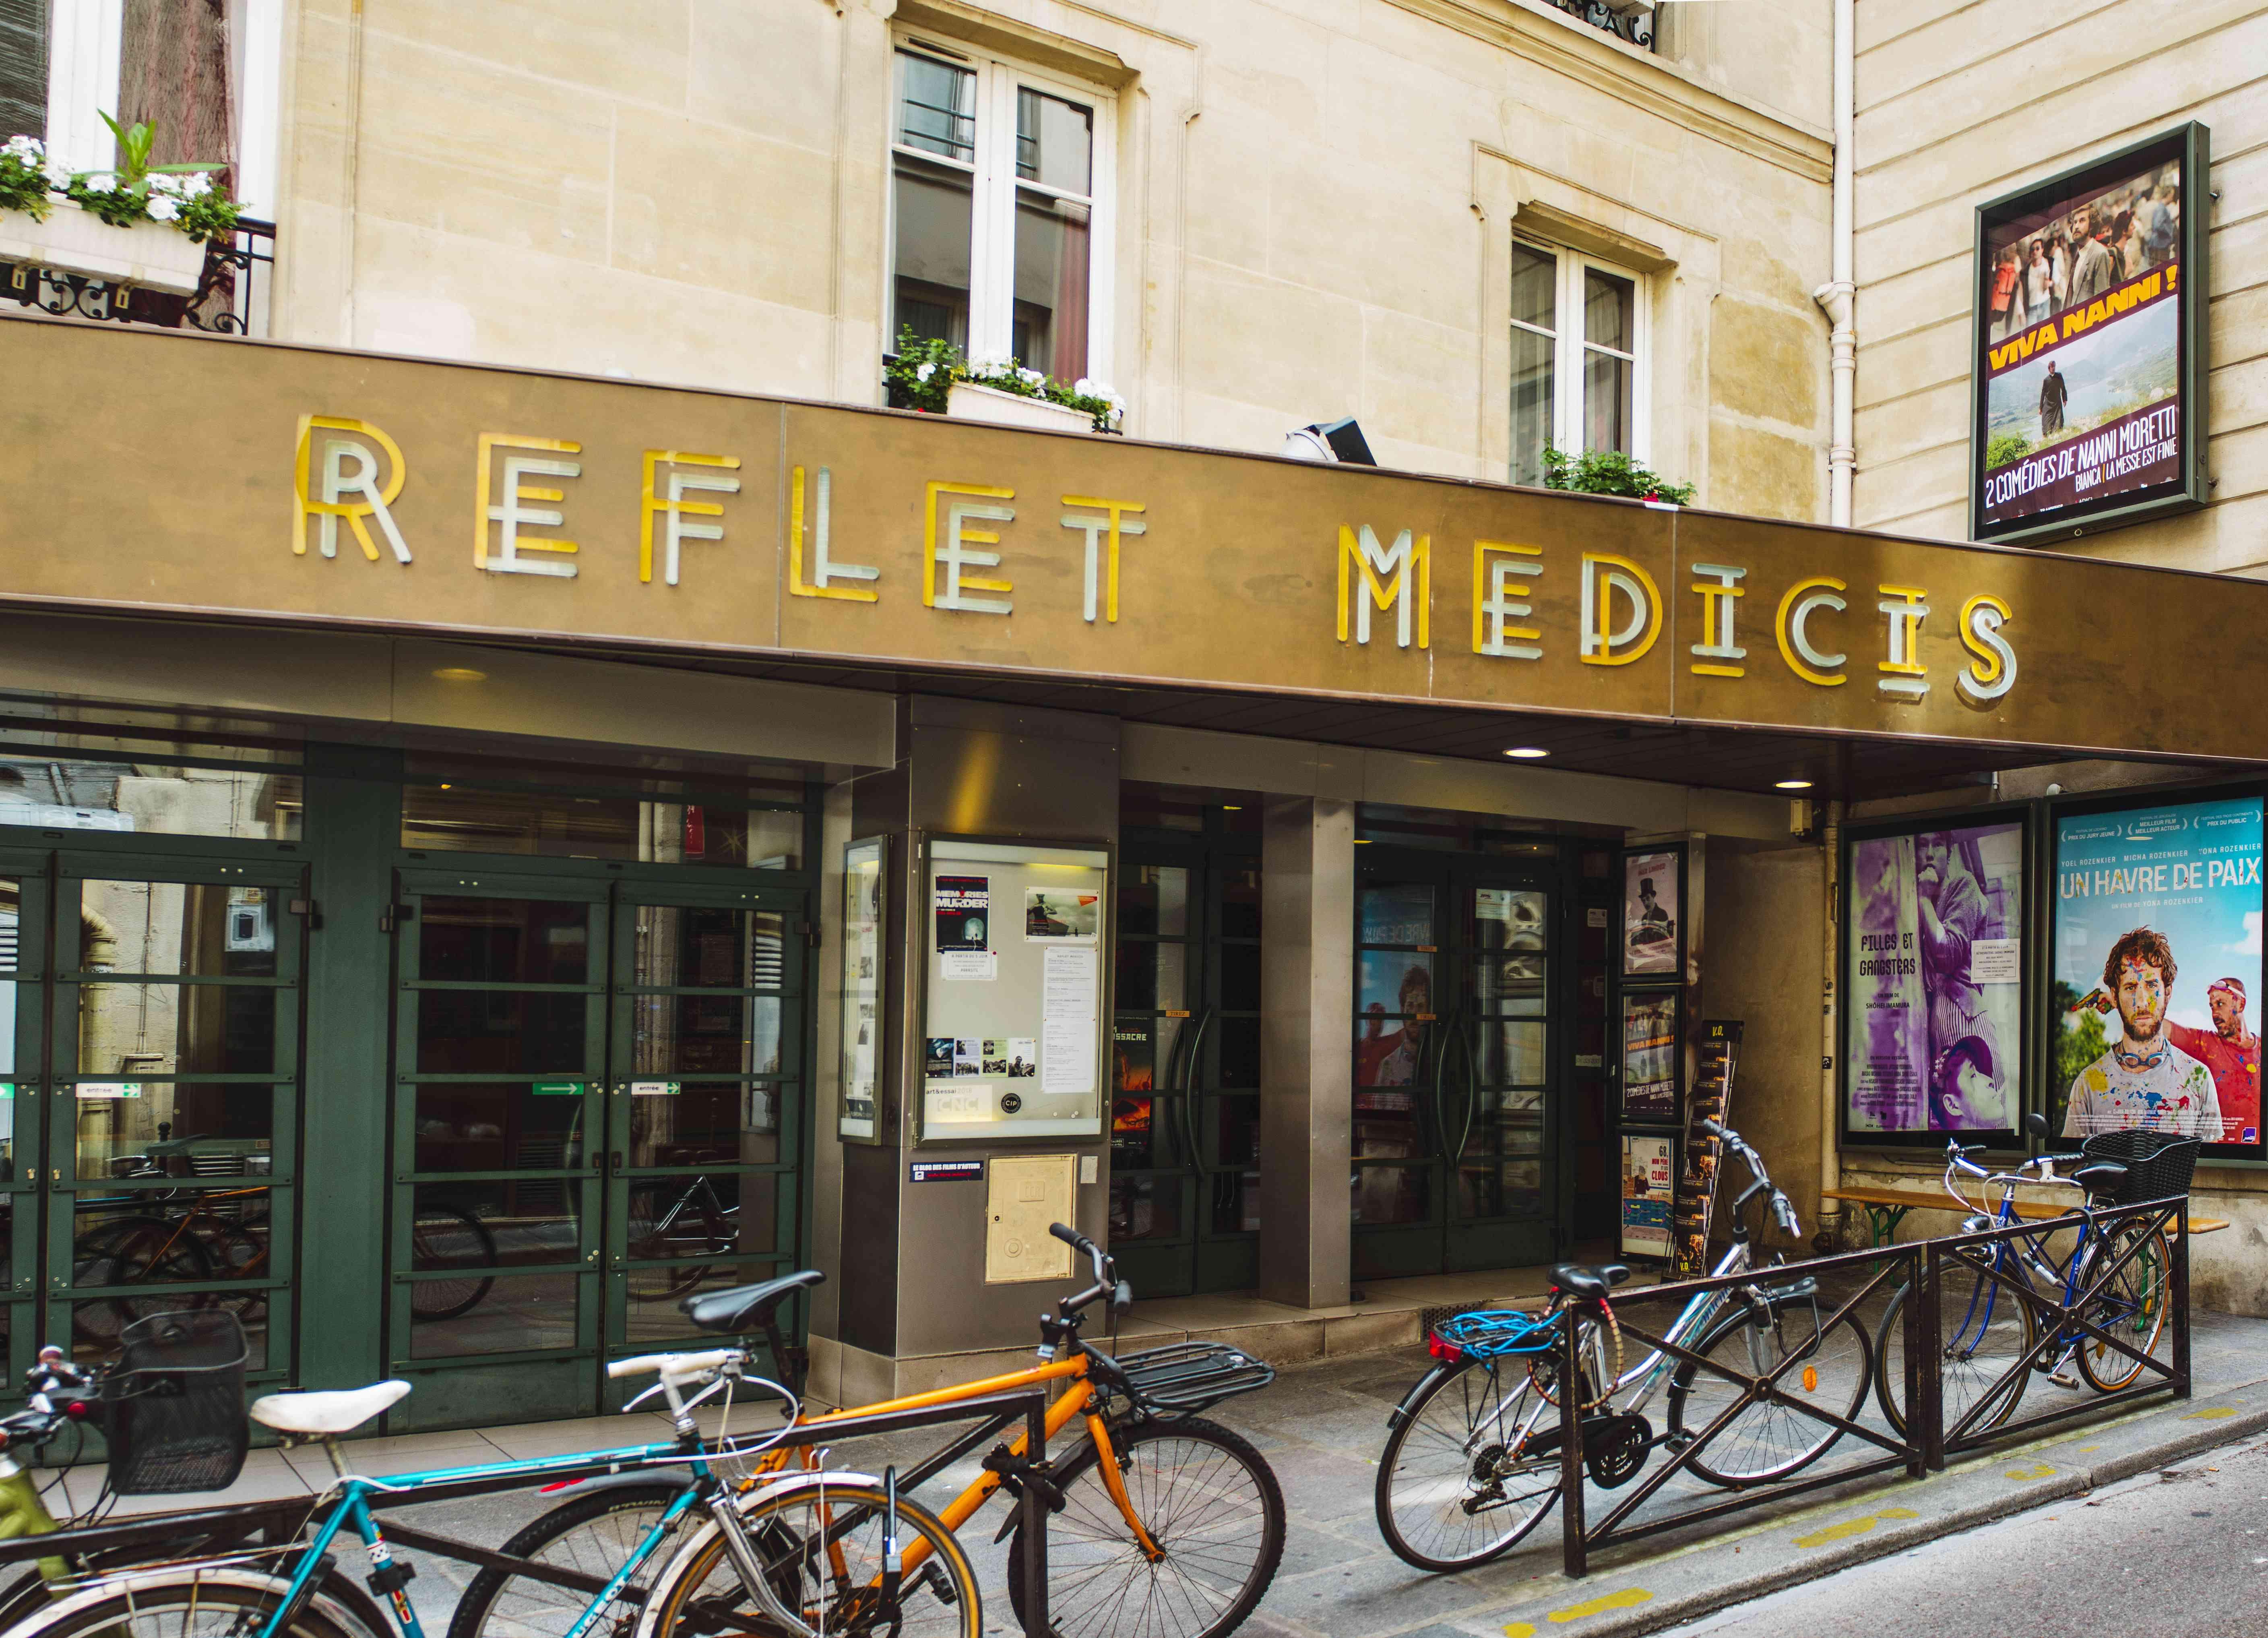 Entrance to Reflet Medicis